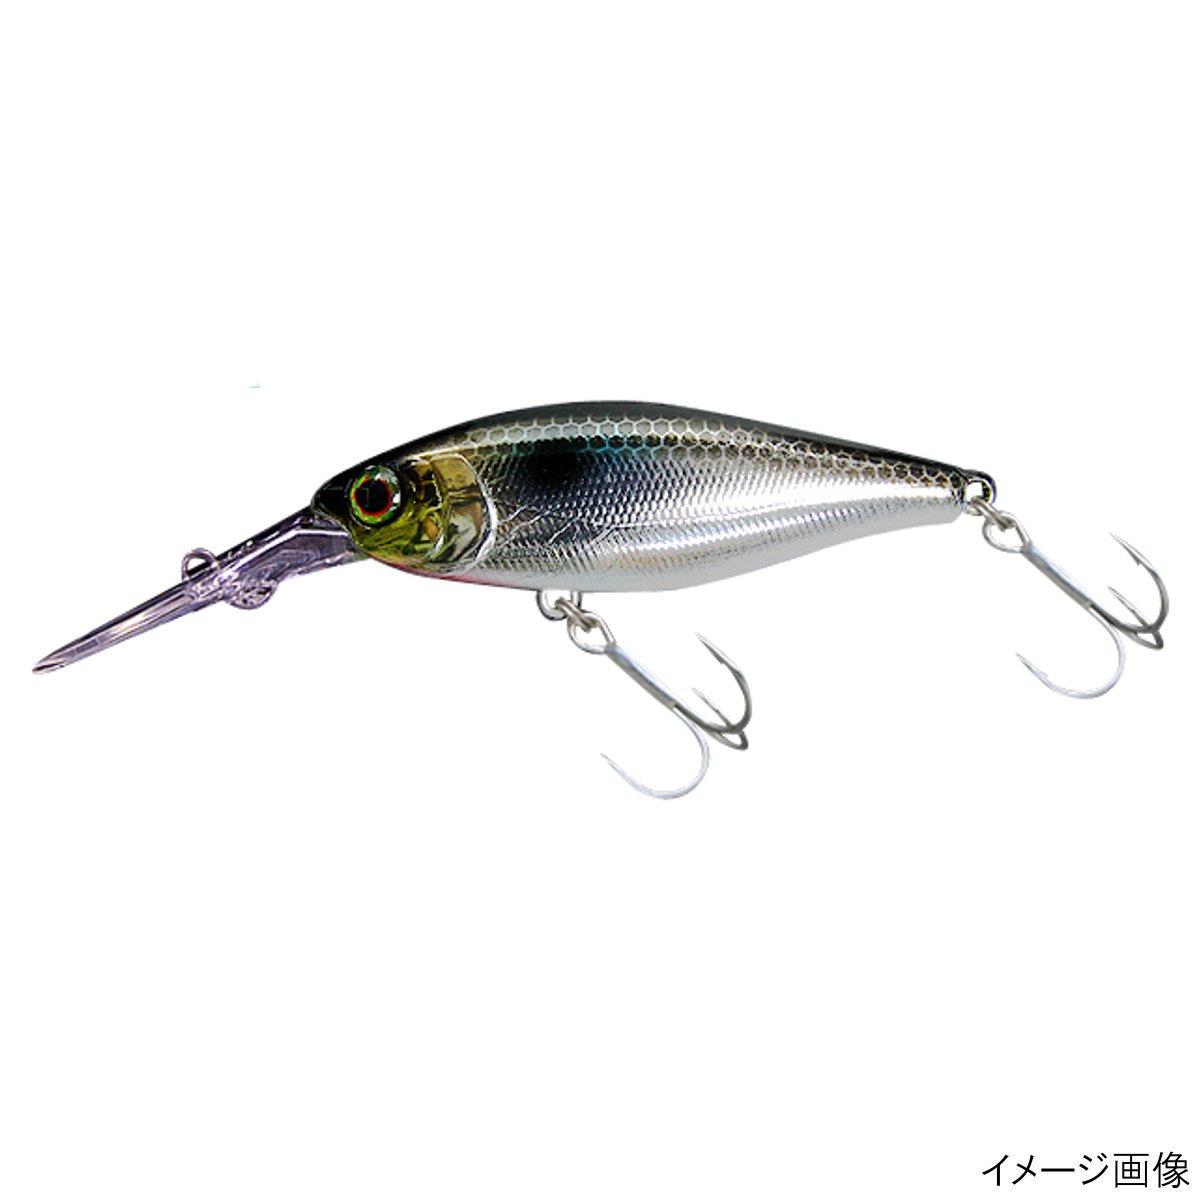 ジャッカル チャブル-MR HLボラギンクロ(東日本店)